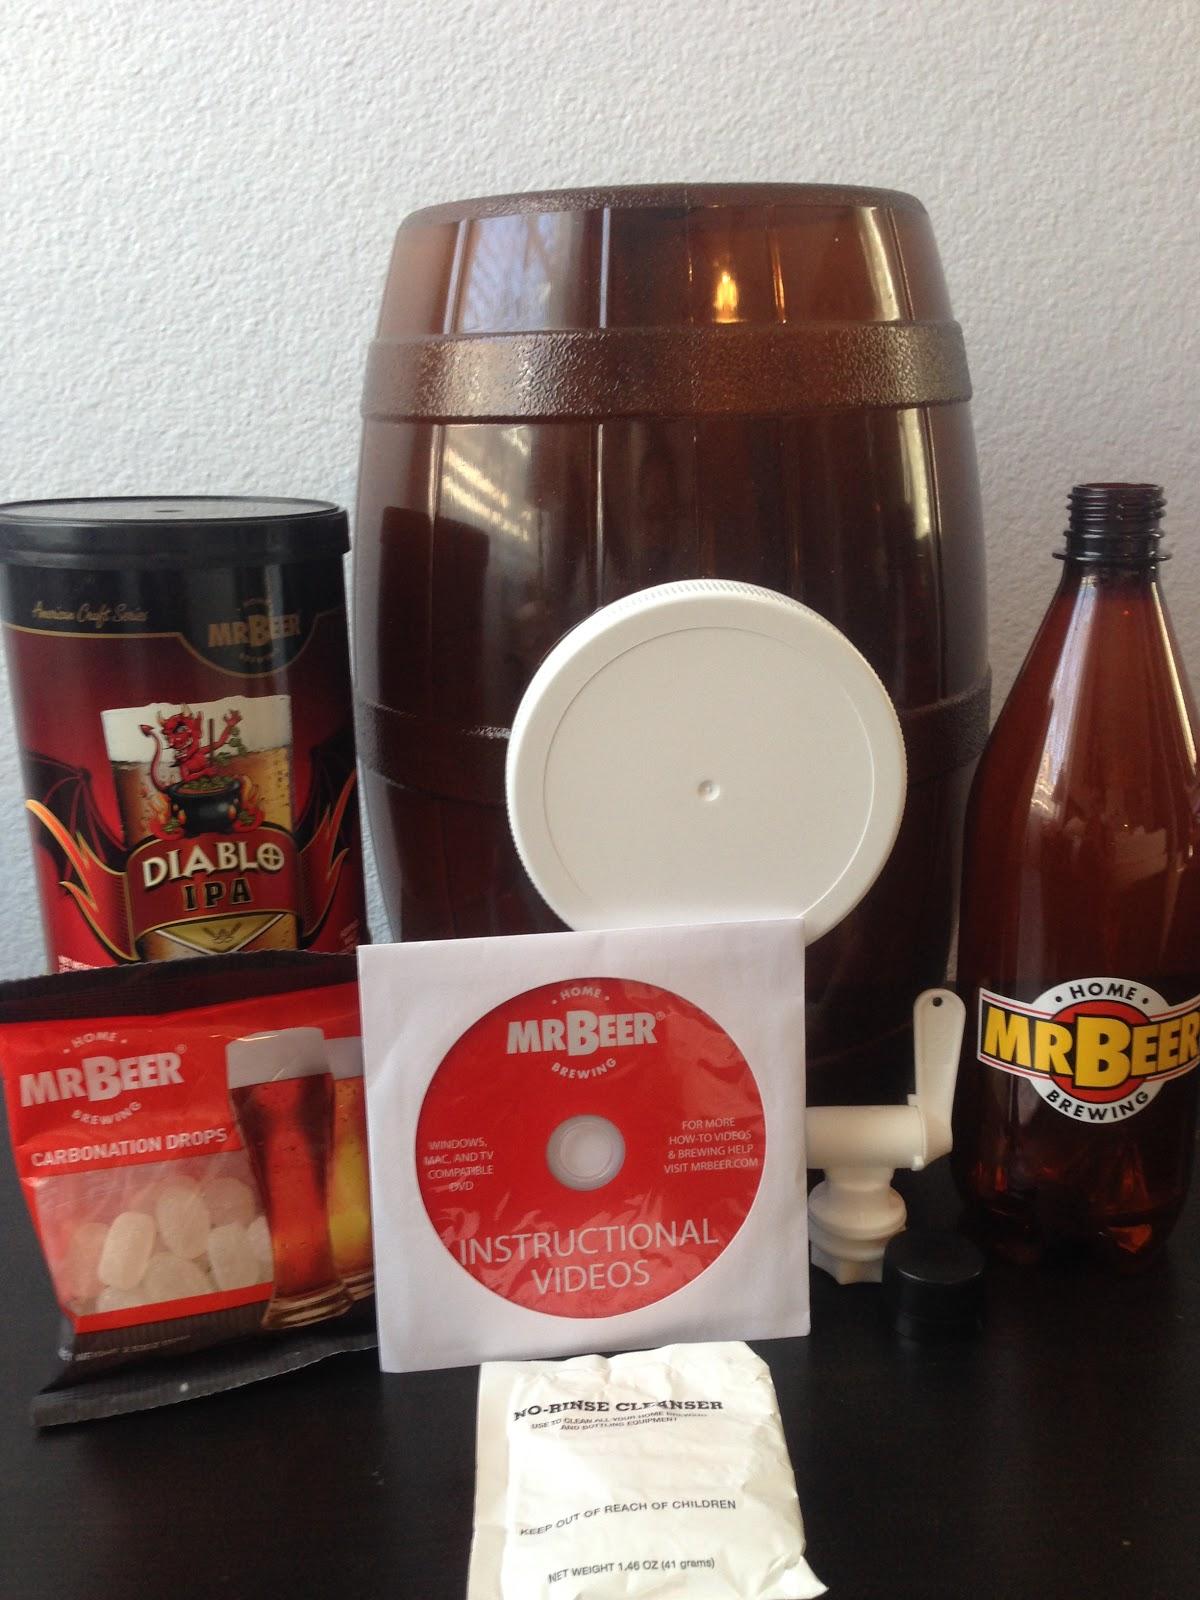 Diablo IPA Kit